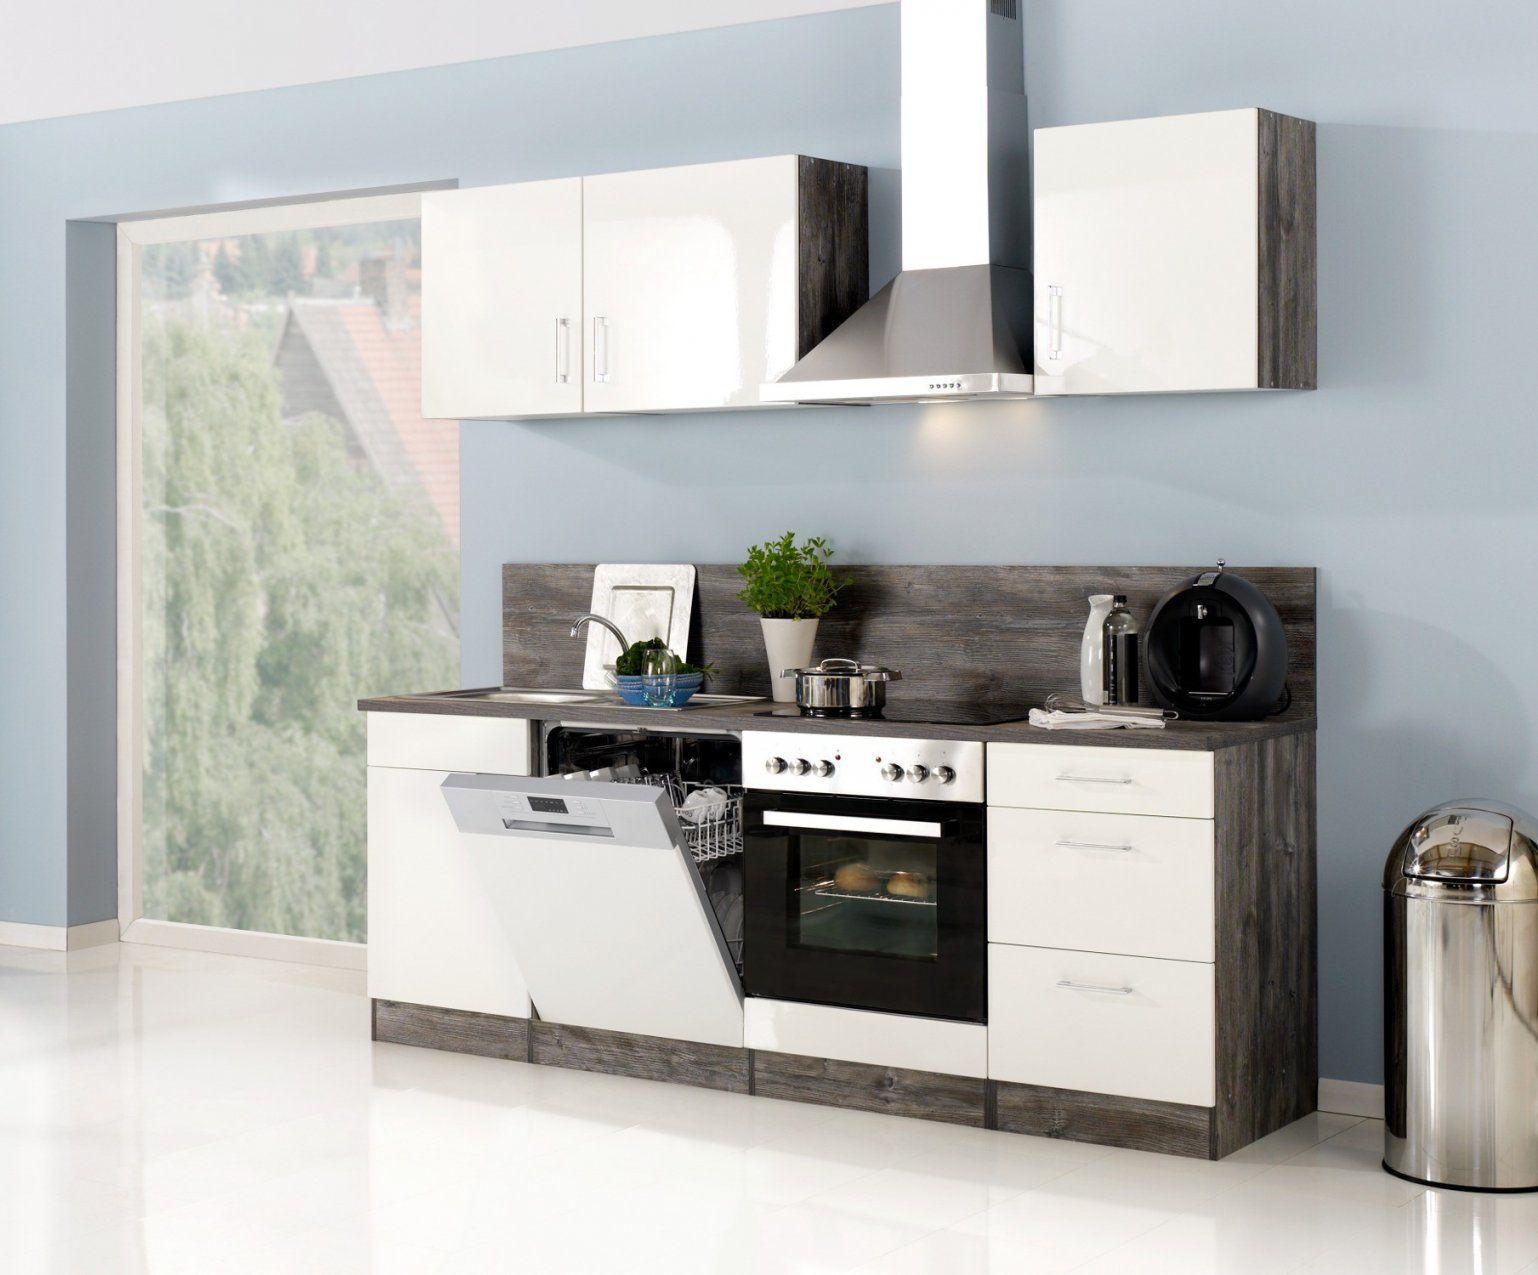 Küchenzeile 220 Cm Mit Elektrogeräten  Uruenavilladellibro von Küchenblock 260 Cm Mit Elektrogeräten Bild